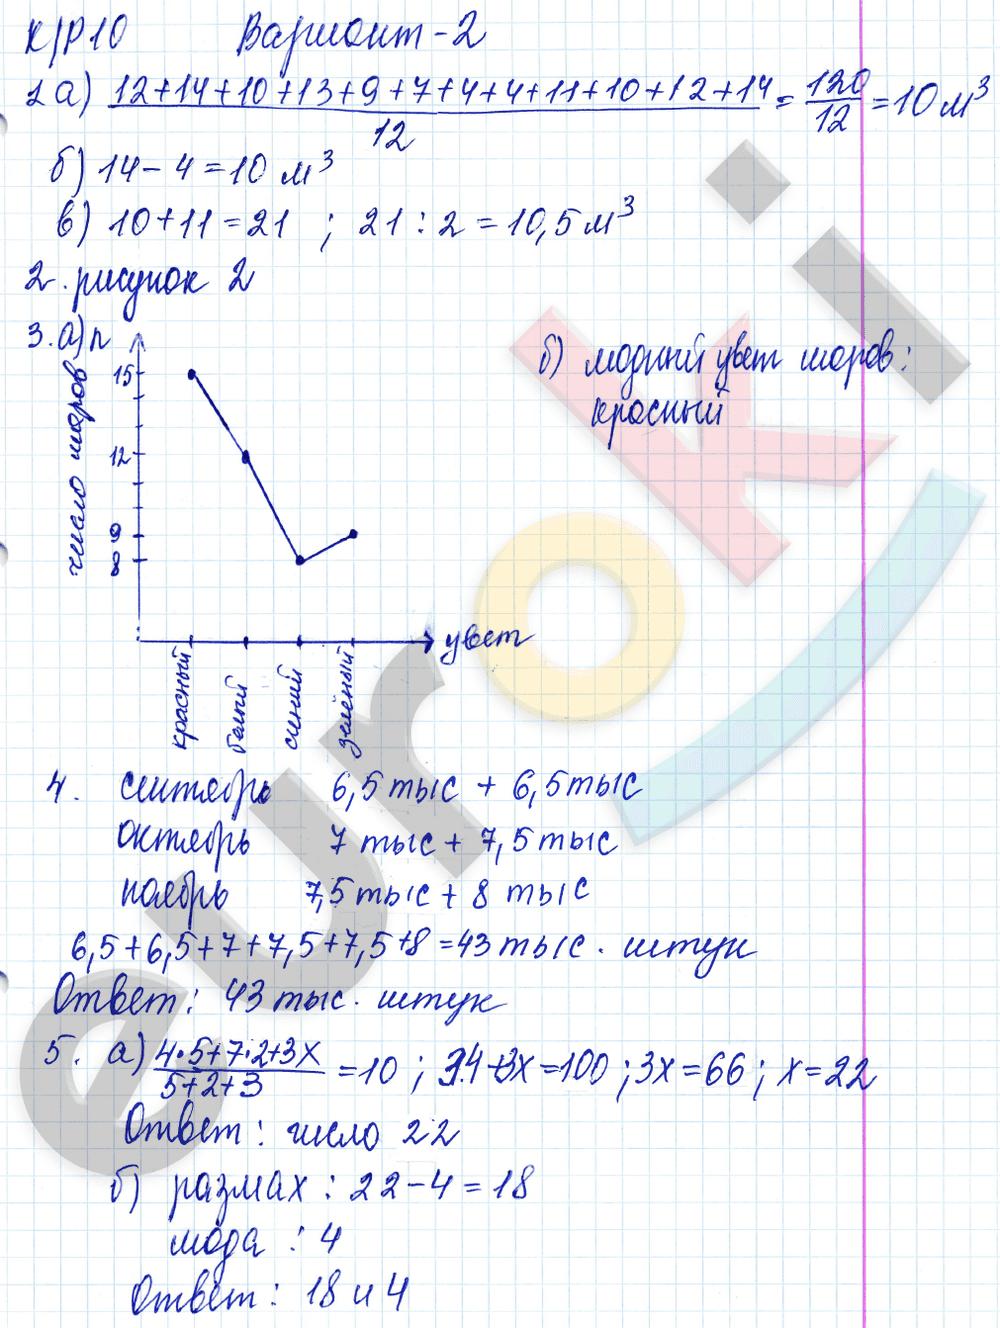 ГДЗ по алгебре 8 класс контрольные работы Дудницын, Кронгауз КР-10. Элементы статистики. Задание: Вариант 2